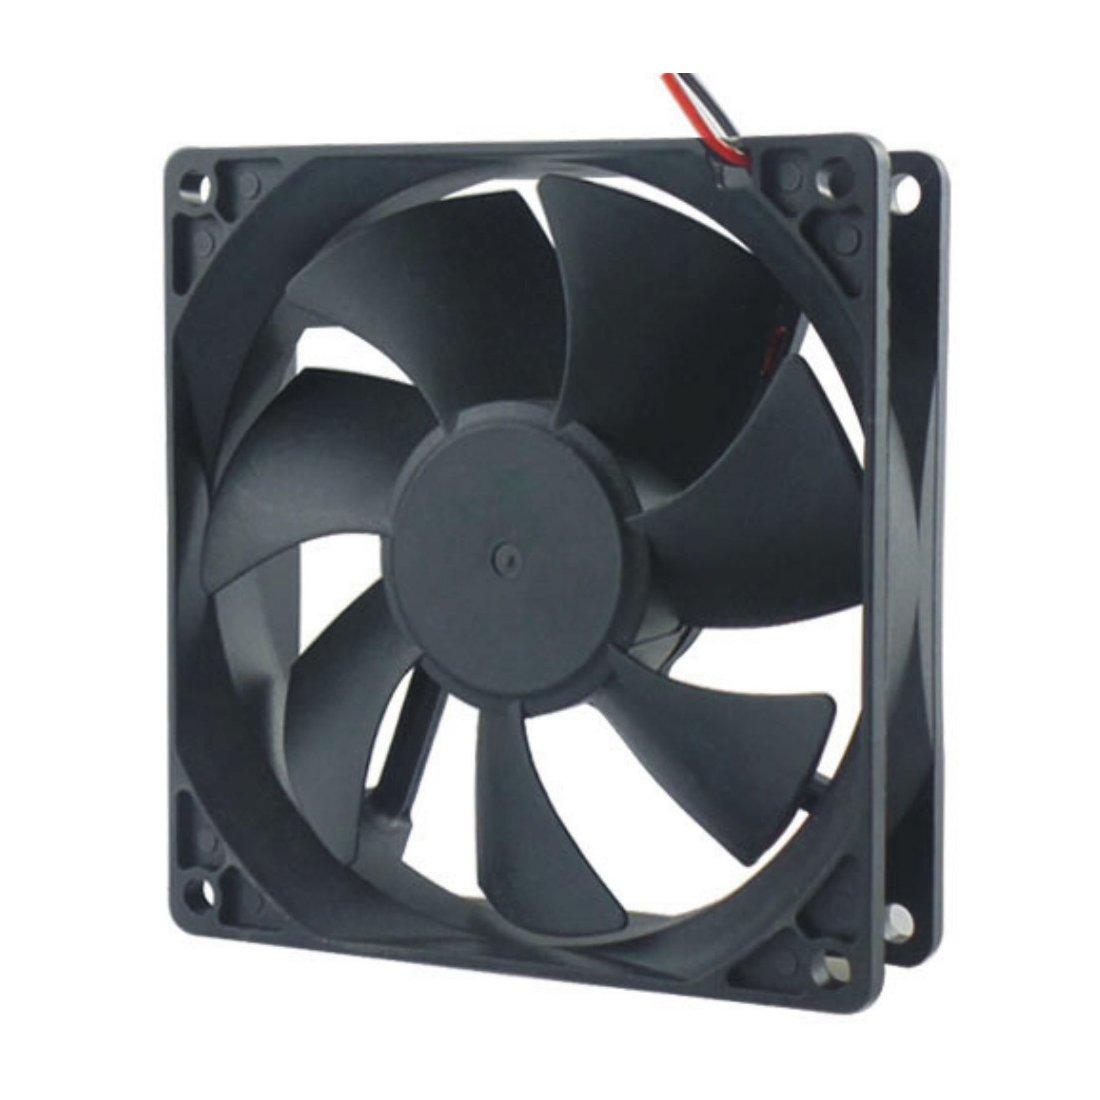 Copapa DC cooling fan Brushless fan computer fan case (8Y6Y)